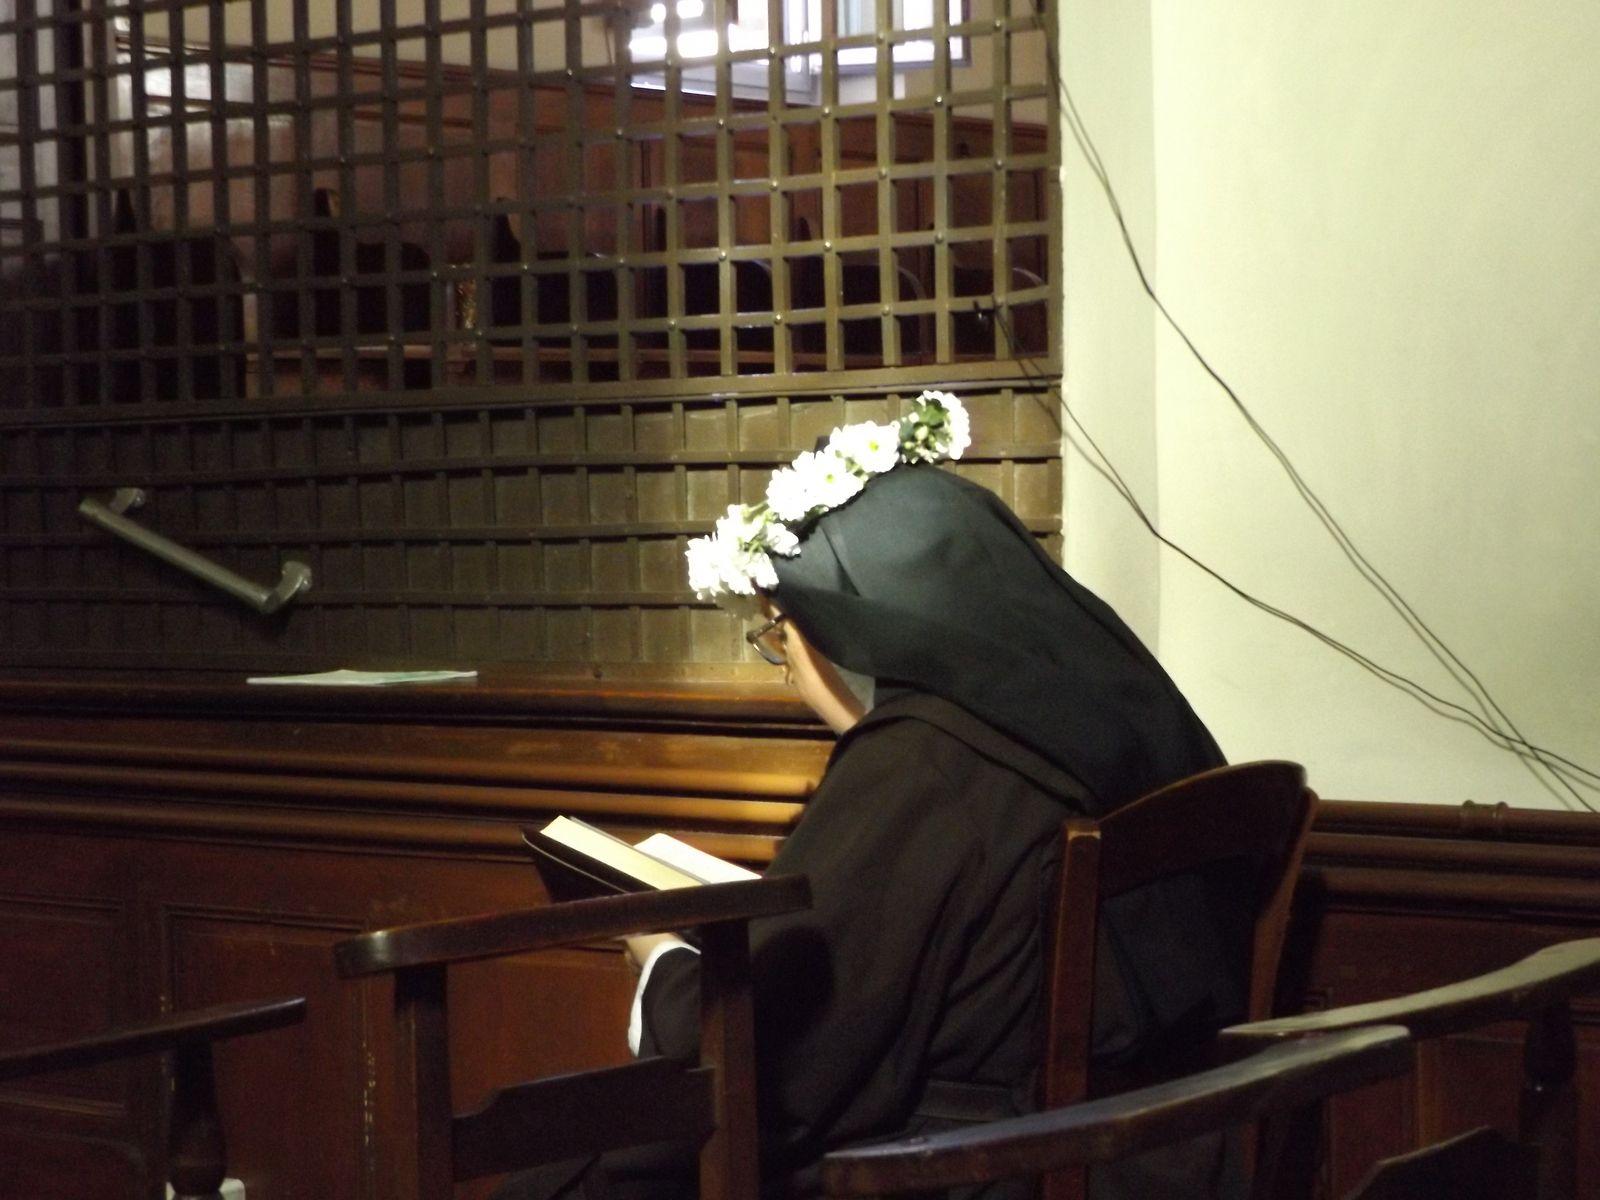 Il y a toujours une Sœur présente dans la chapelle. ici Sœur Marie-Thérèse de l'Enfant-Jésus le jour de son jubilé, le 15 août 2019